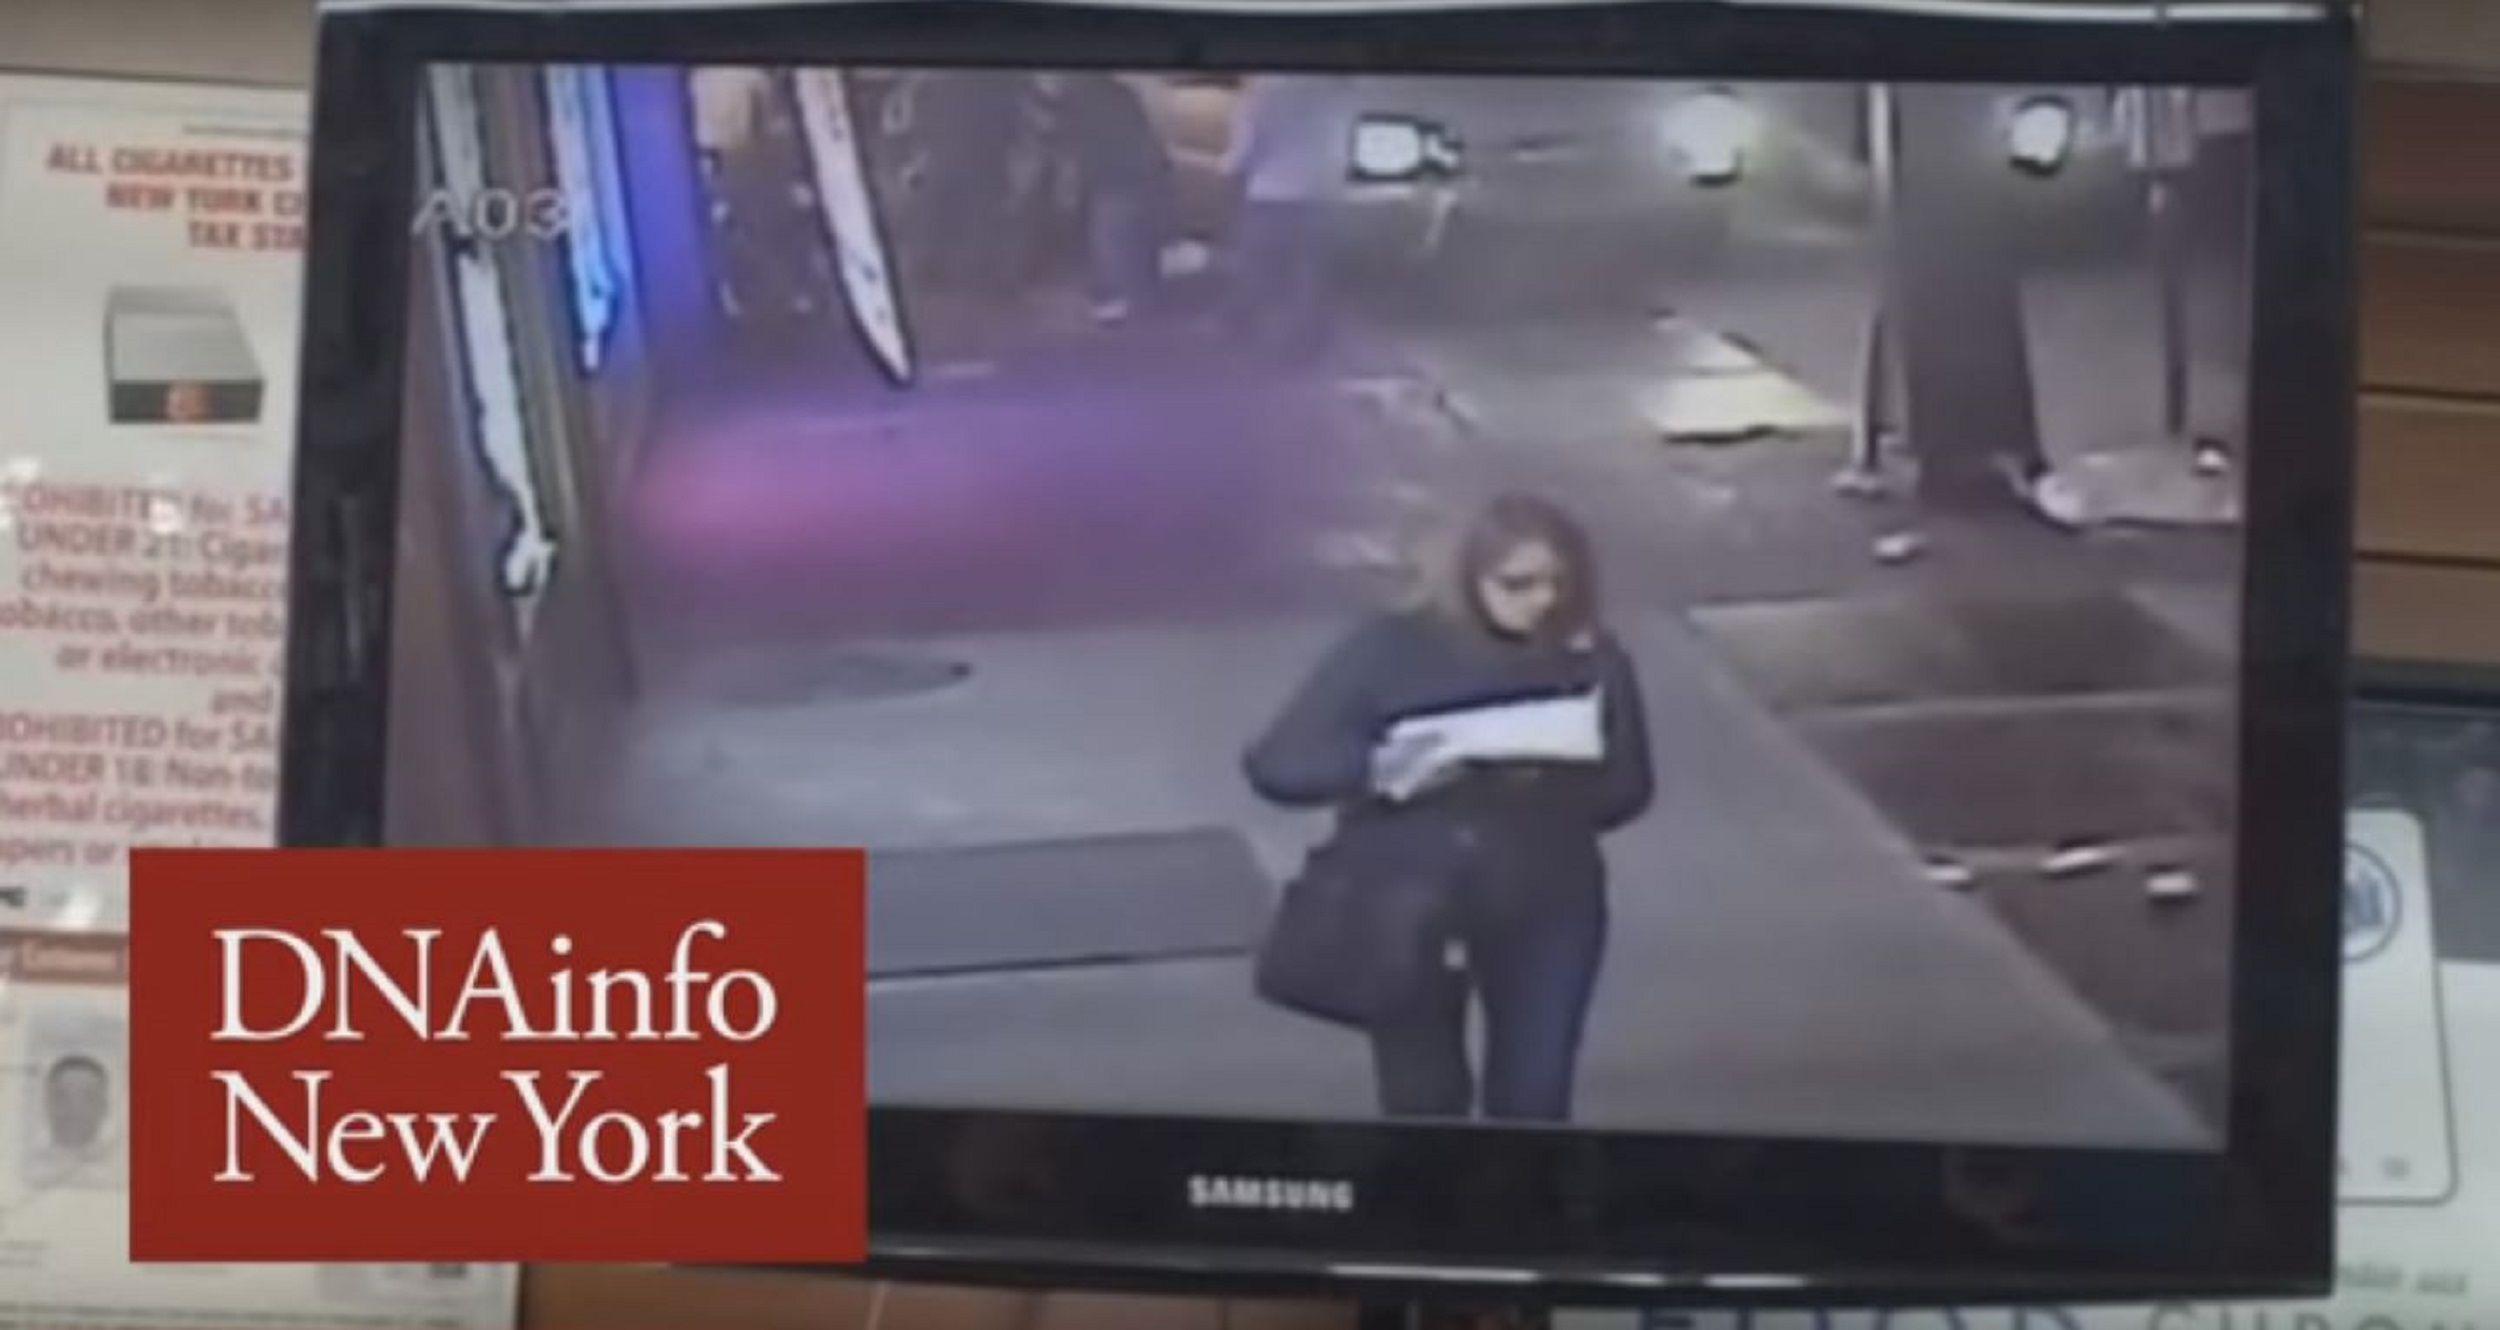 No le importó nada: vio cómo atropellaban a una persona, le dio un bocado a su pizza y se fue